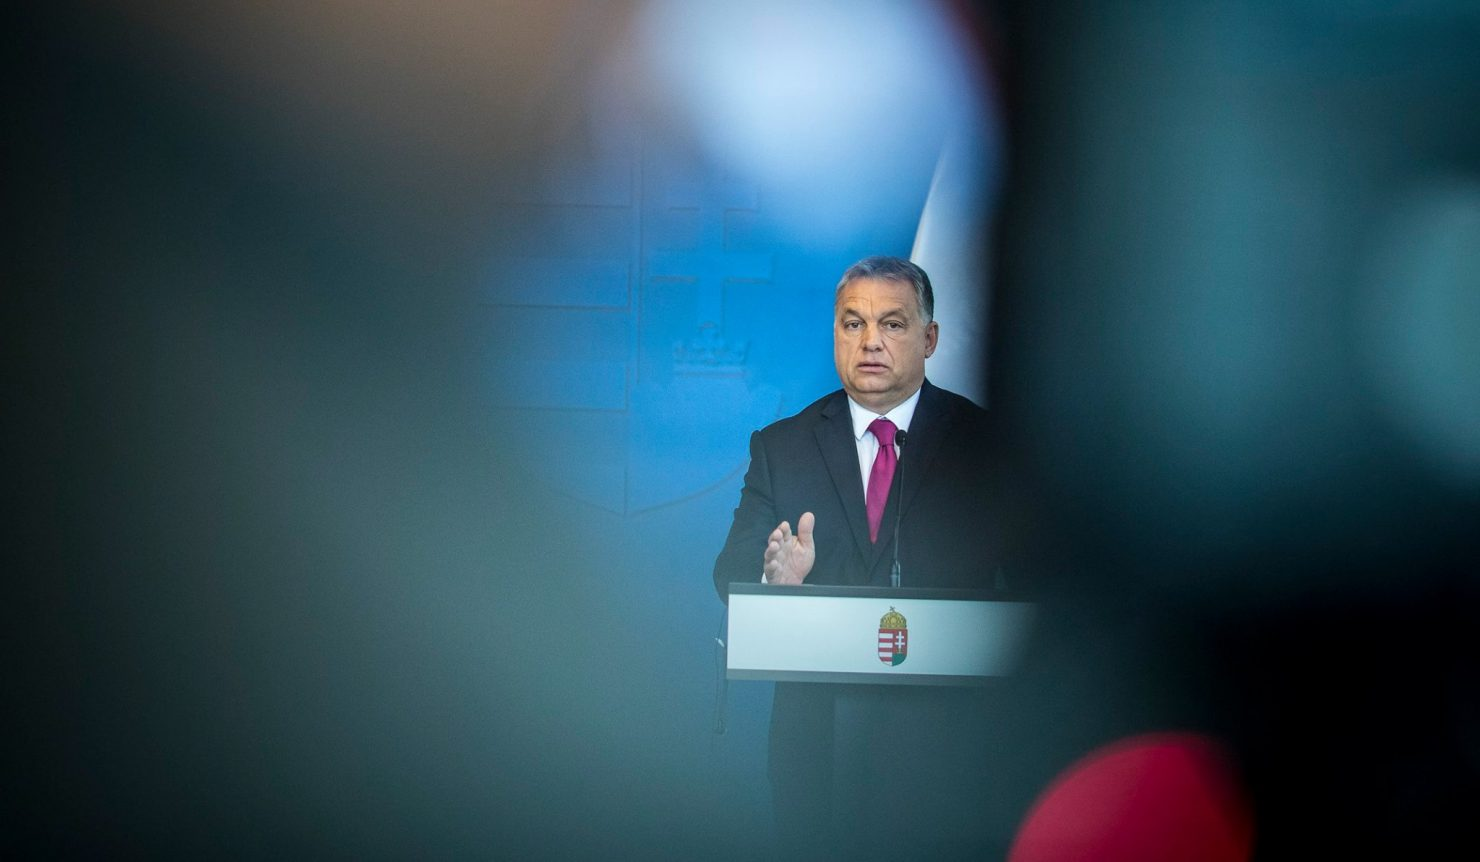 Viktor Orban: «Nous assistons à la mise en œuvre consciente d'une nouvelle Europe, mélangée et islamisée.» Discours intégral 22 juil. 2017